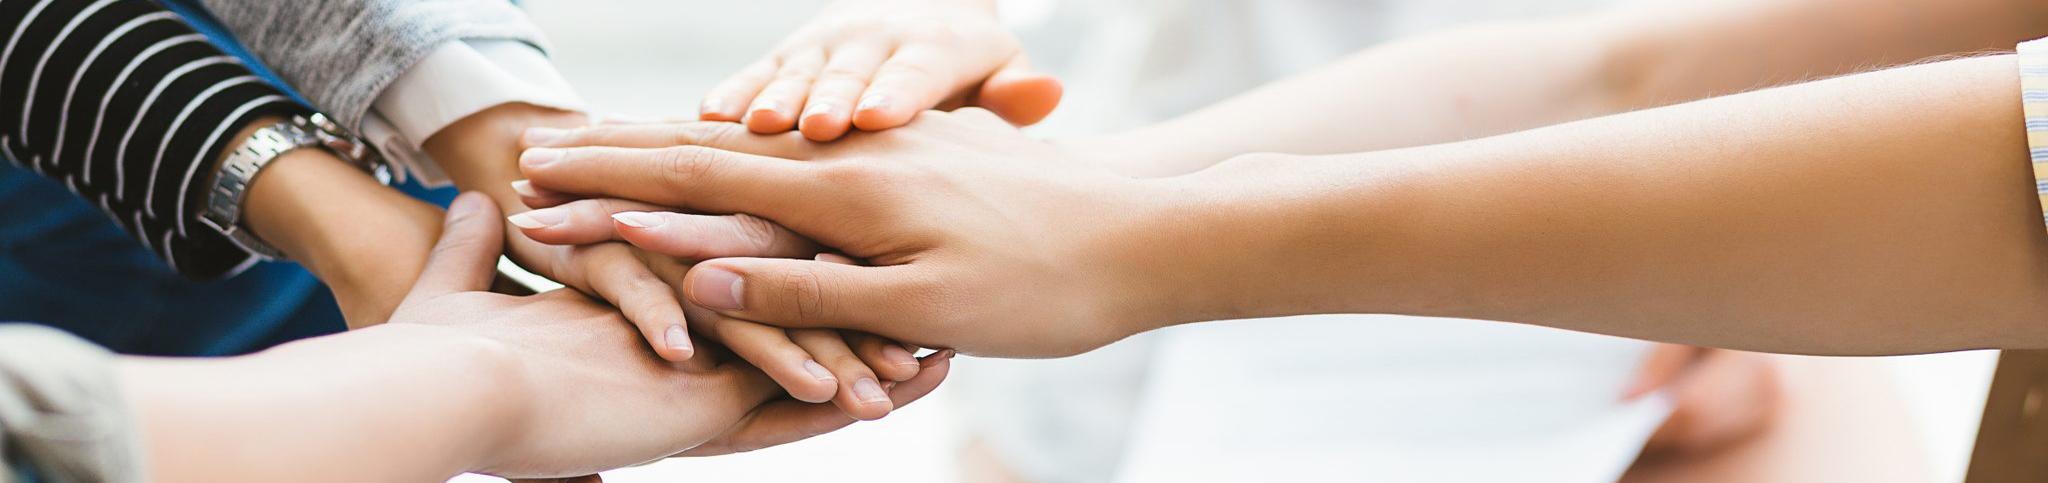 Croisement de mains solidaires